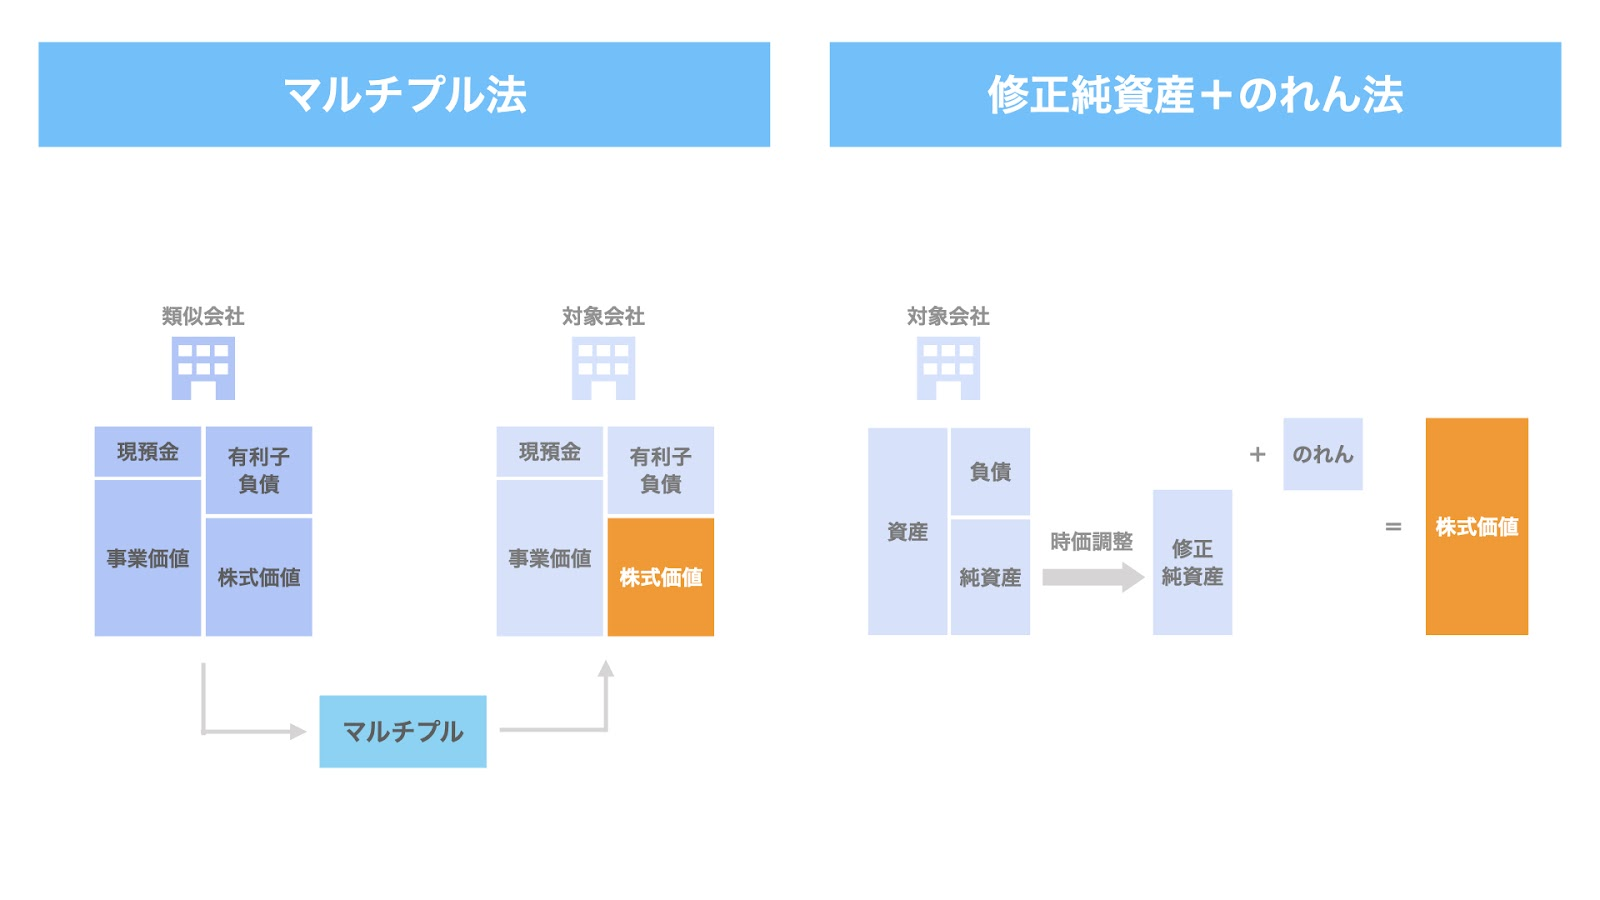 中小M&Aにおける株式価値算定方法